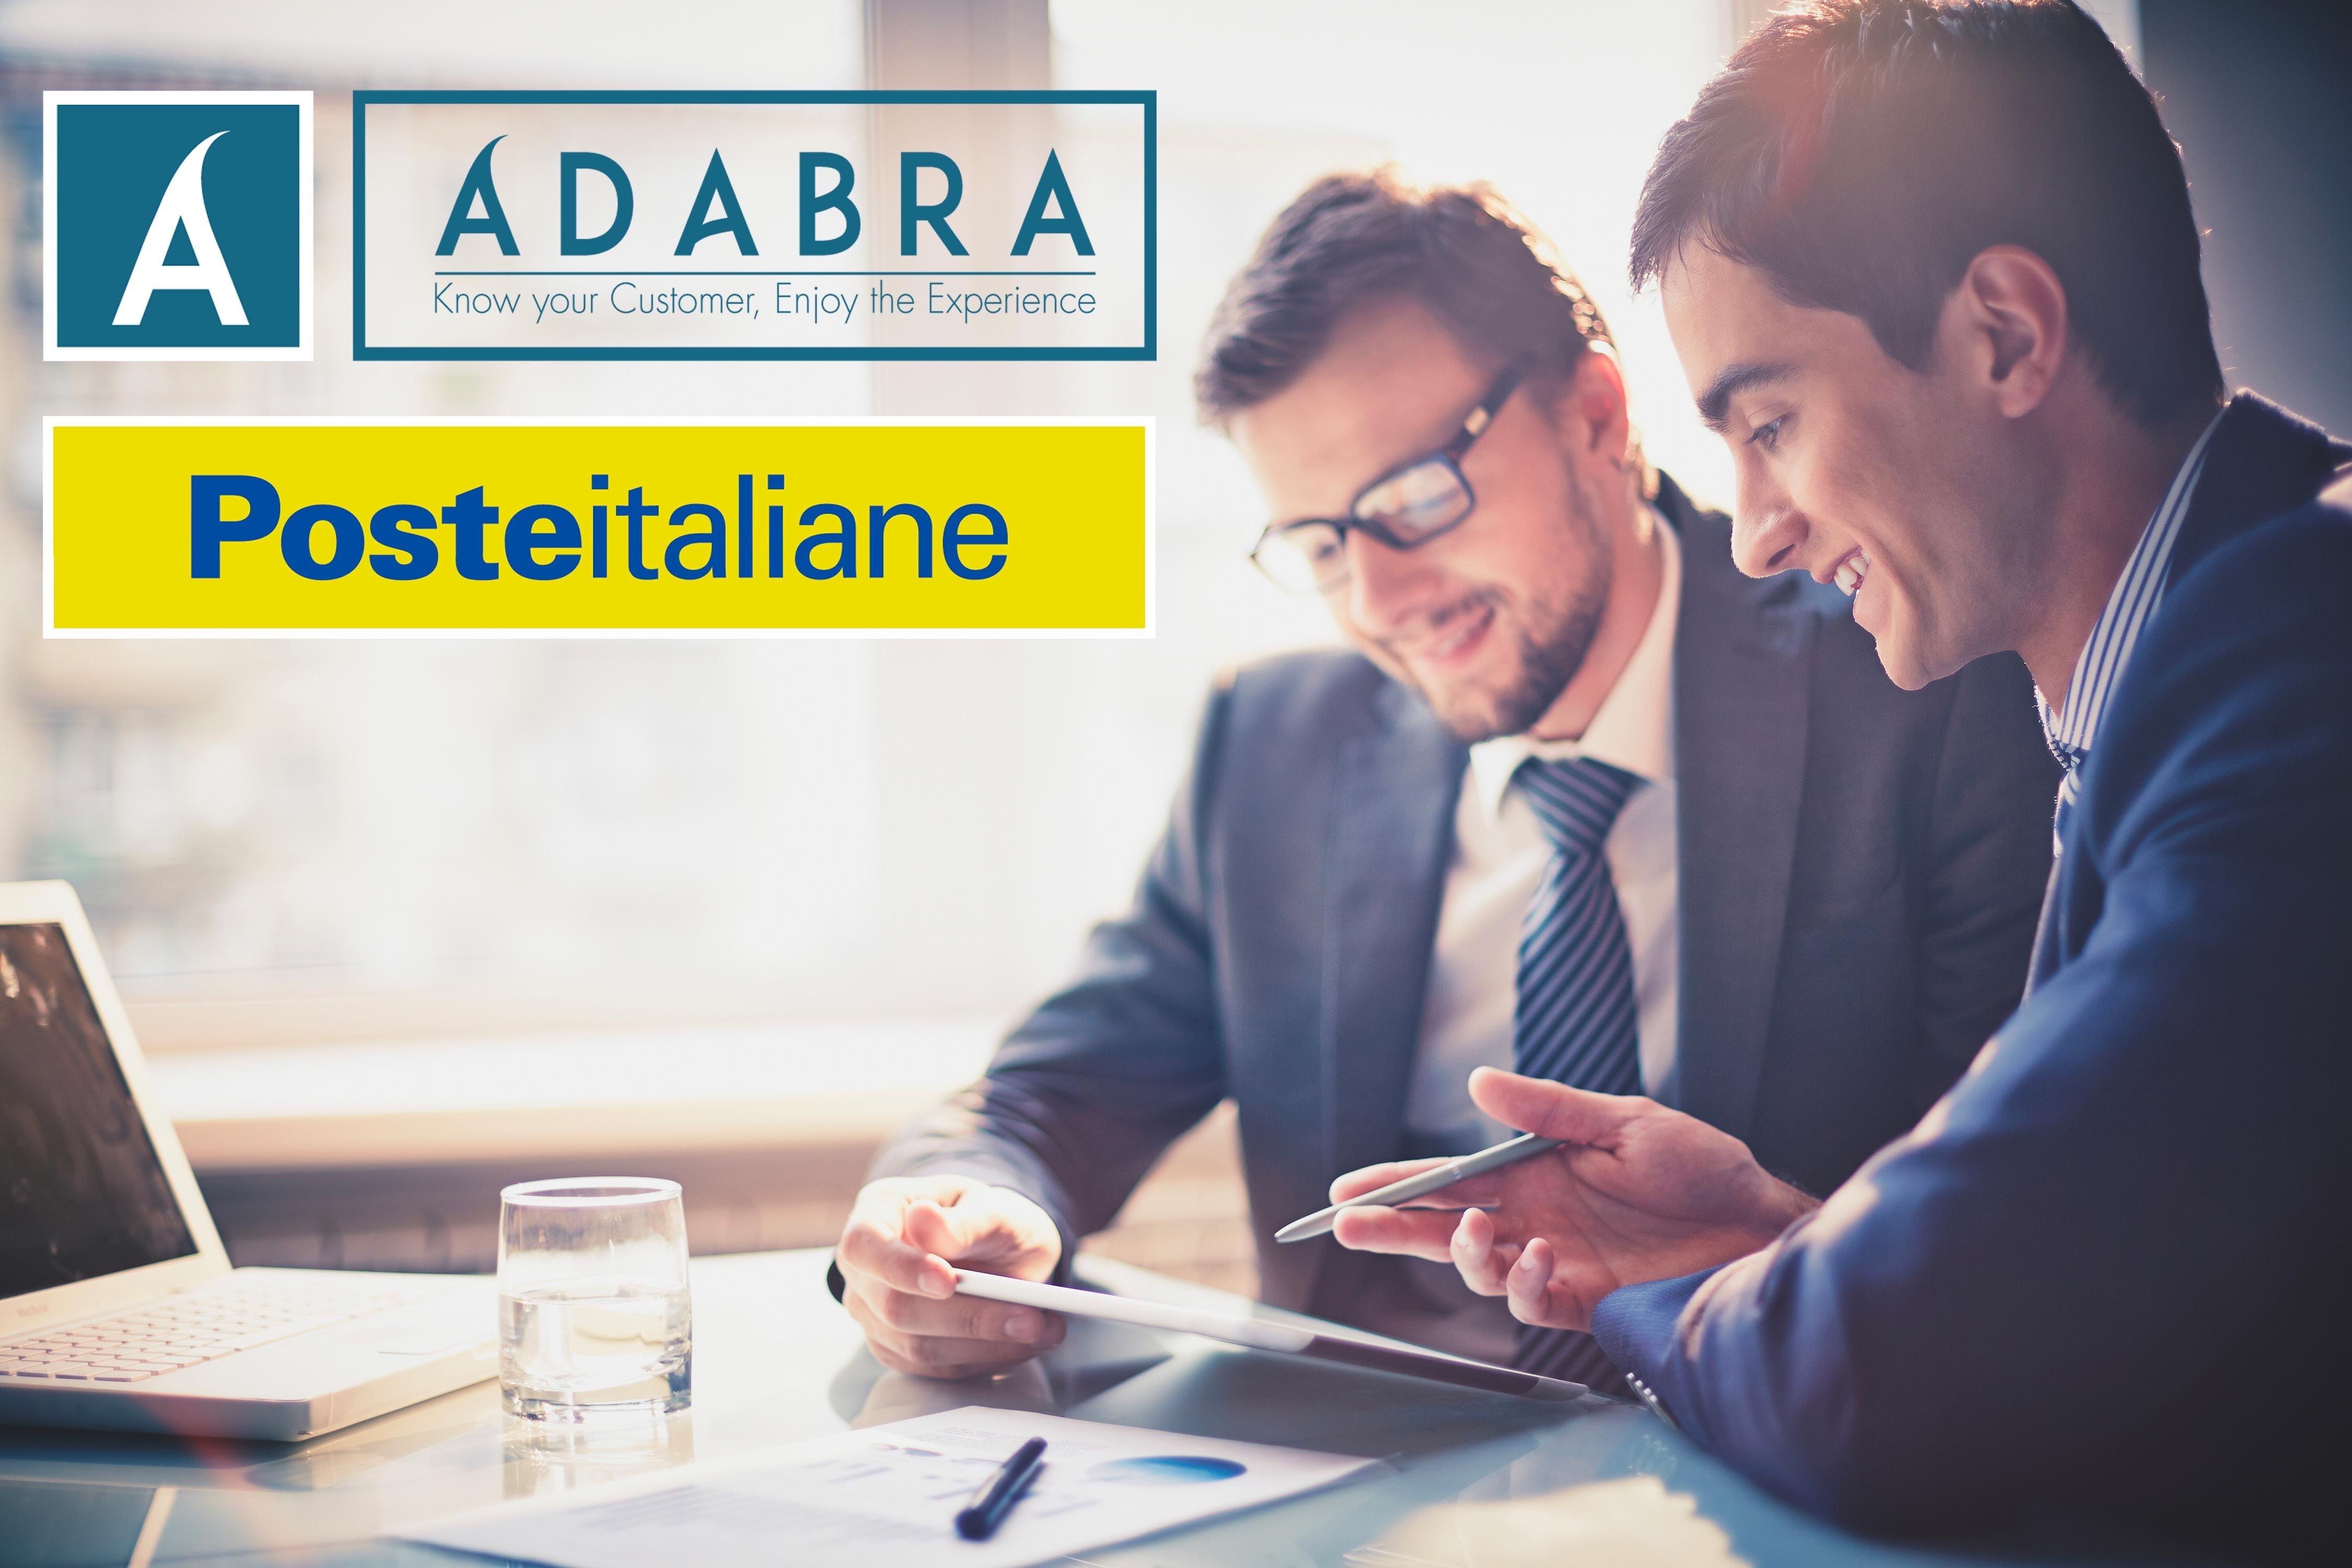 Adabra per Poste Italiane: al via il progetto di web content personalization